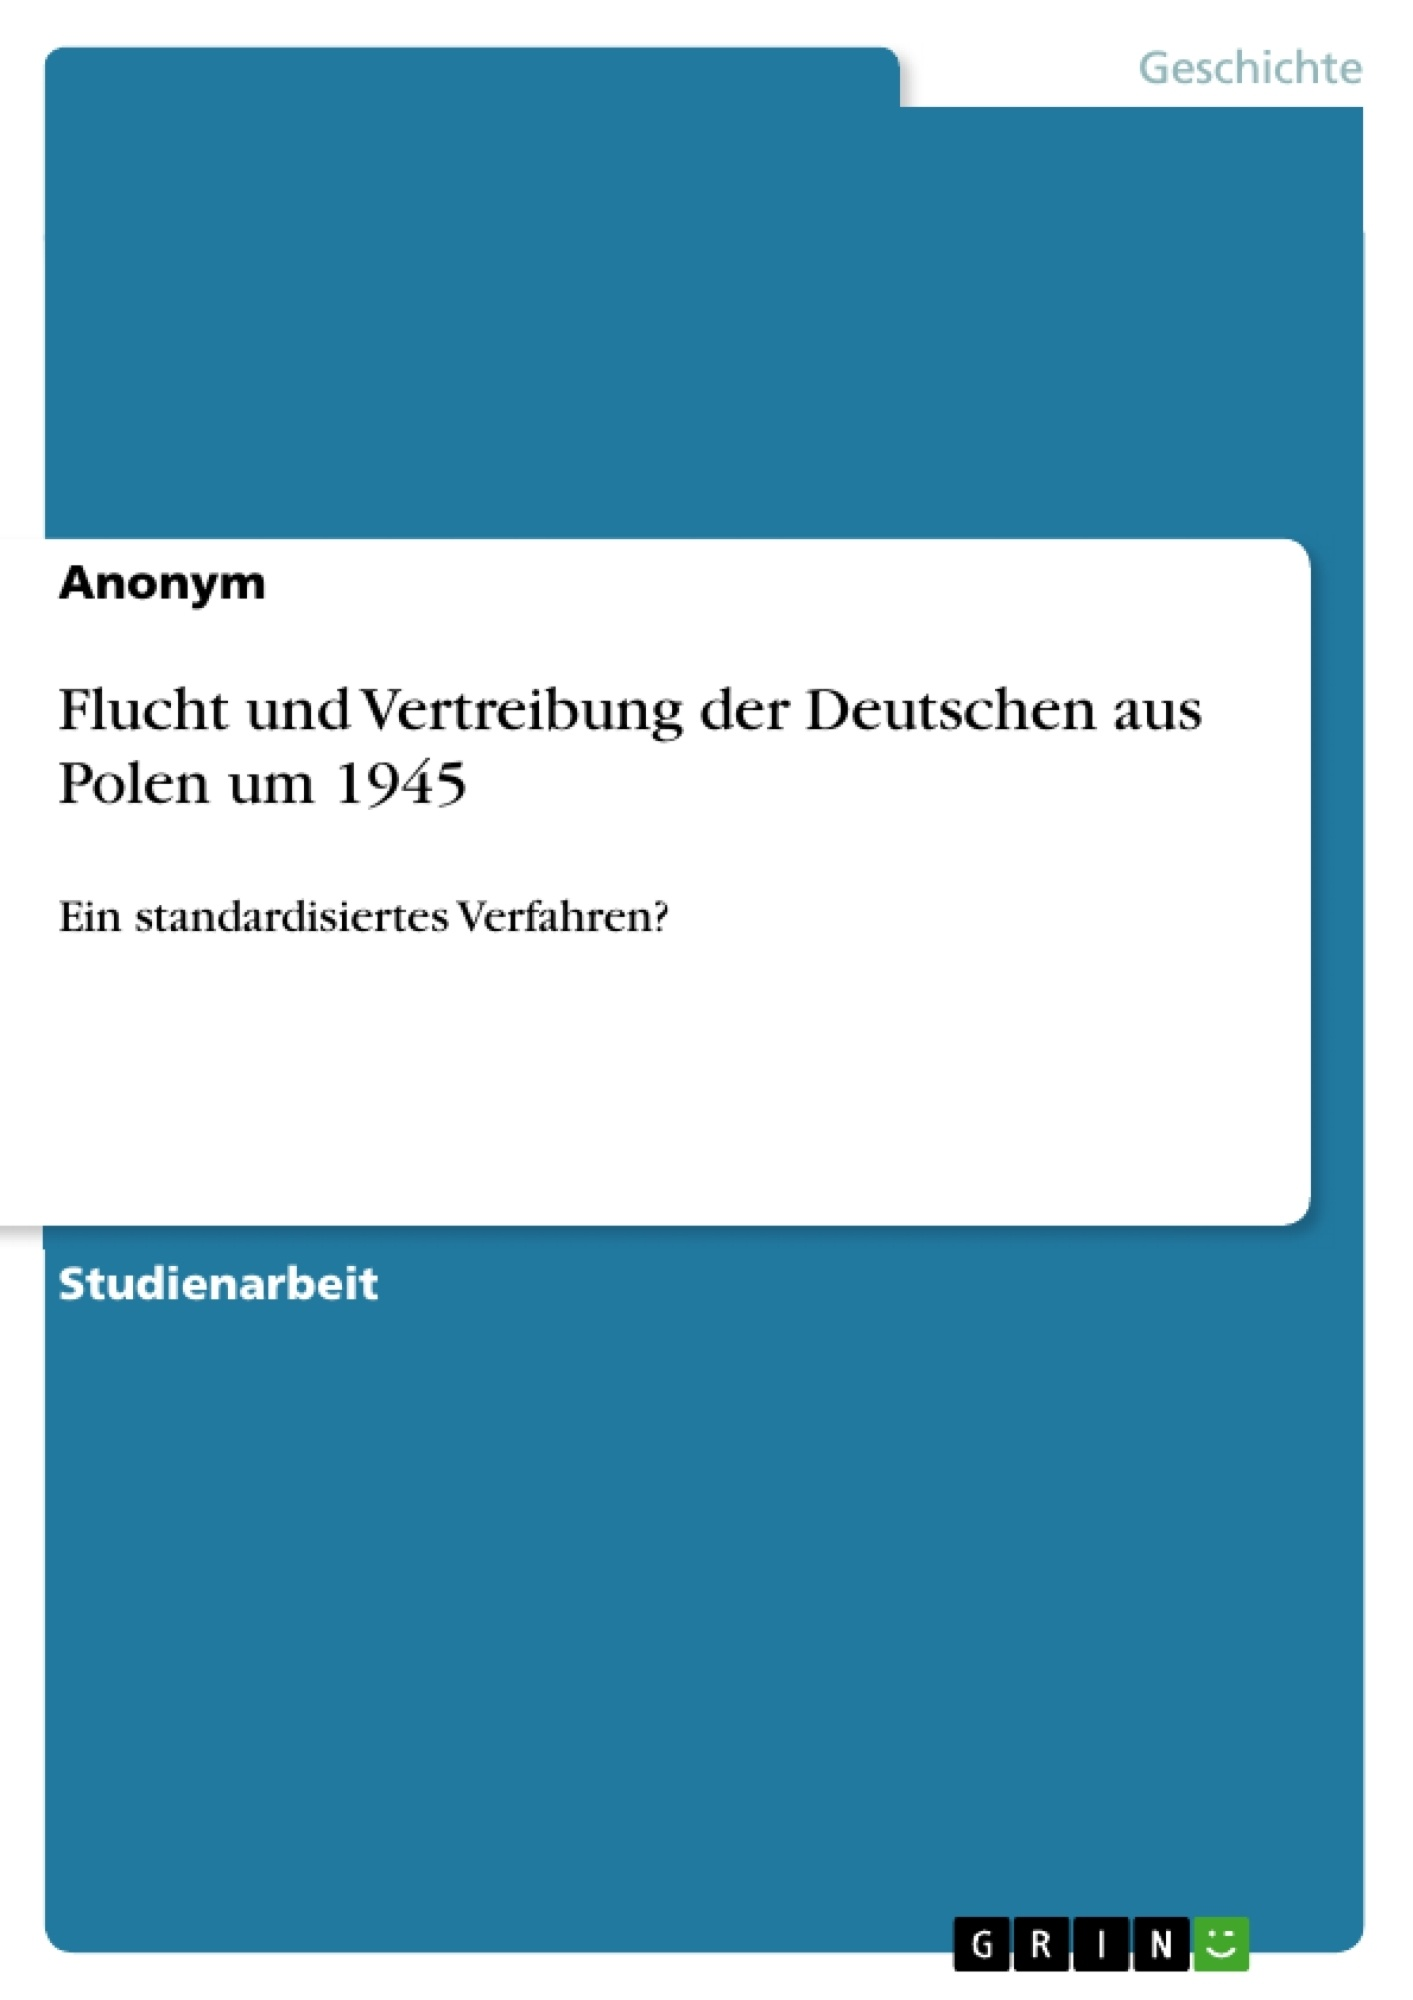 Titel: Flucht und Vertreibung der Deutschen aus Polen um 1945